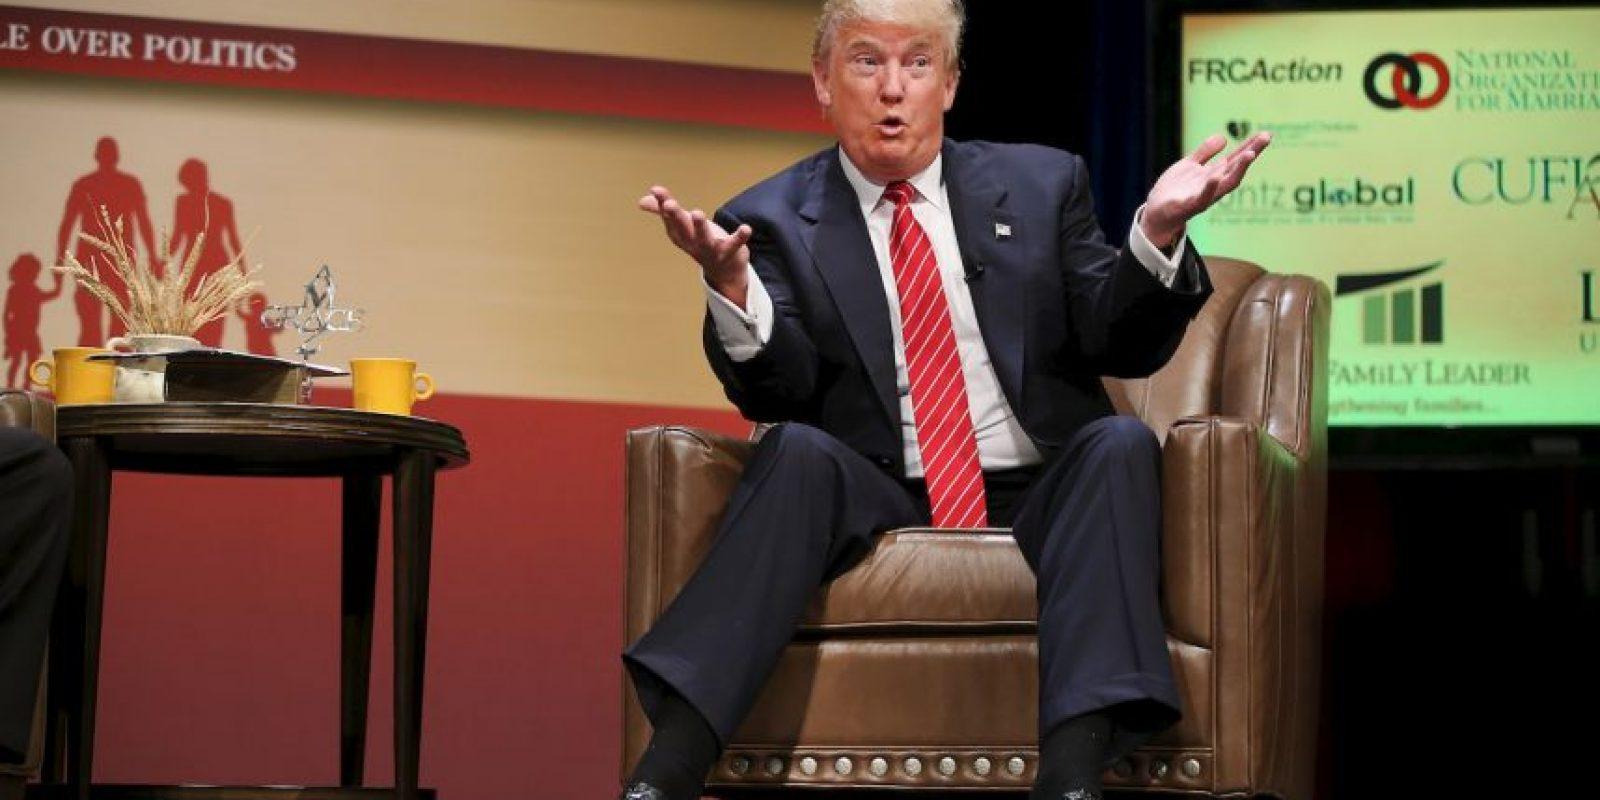 """4. Los requisitos para entrar a Estados Unidos, según Donald Trump: """"Quienes quieran entrar a Estados Unidos deberán certificar que pueden pagar su propia vivienda, cuidados de salud y otras necesidades básicas antes de llegar al país"""". Foto:Getty Images"""